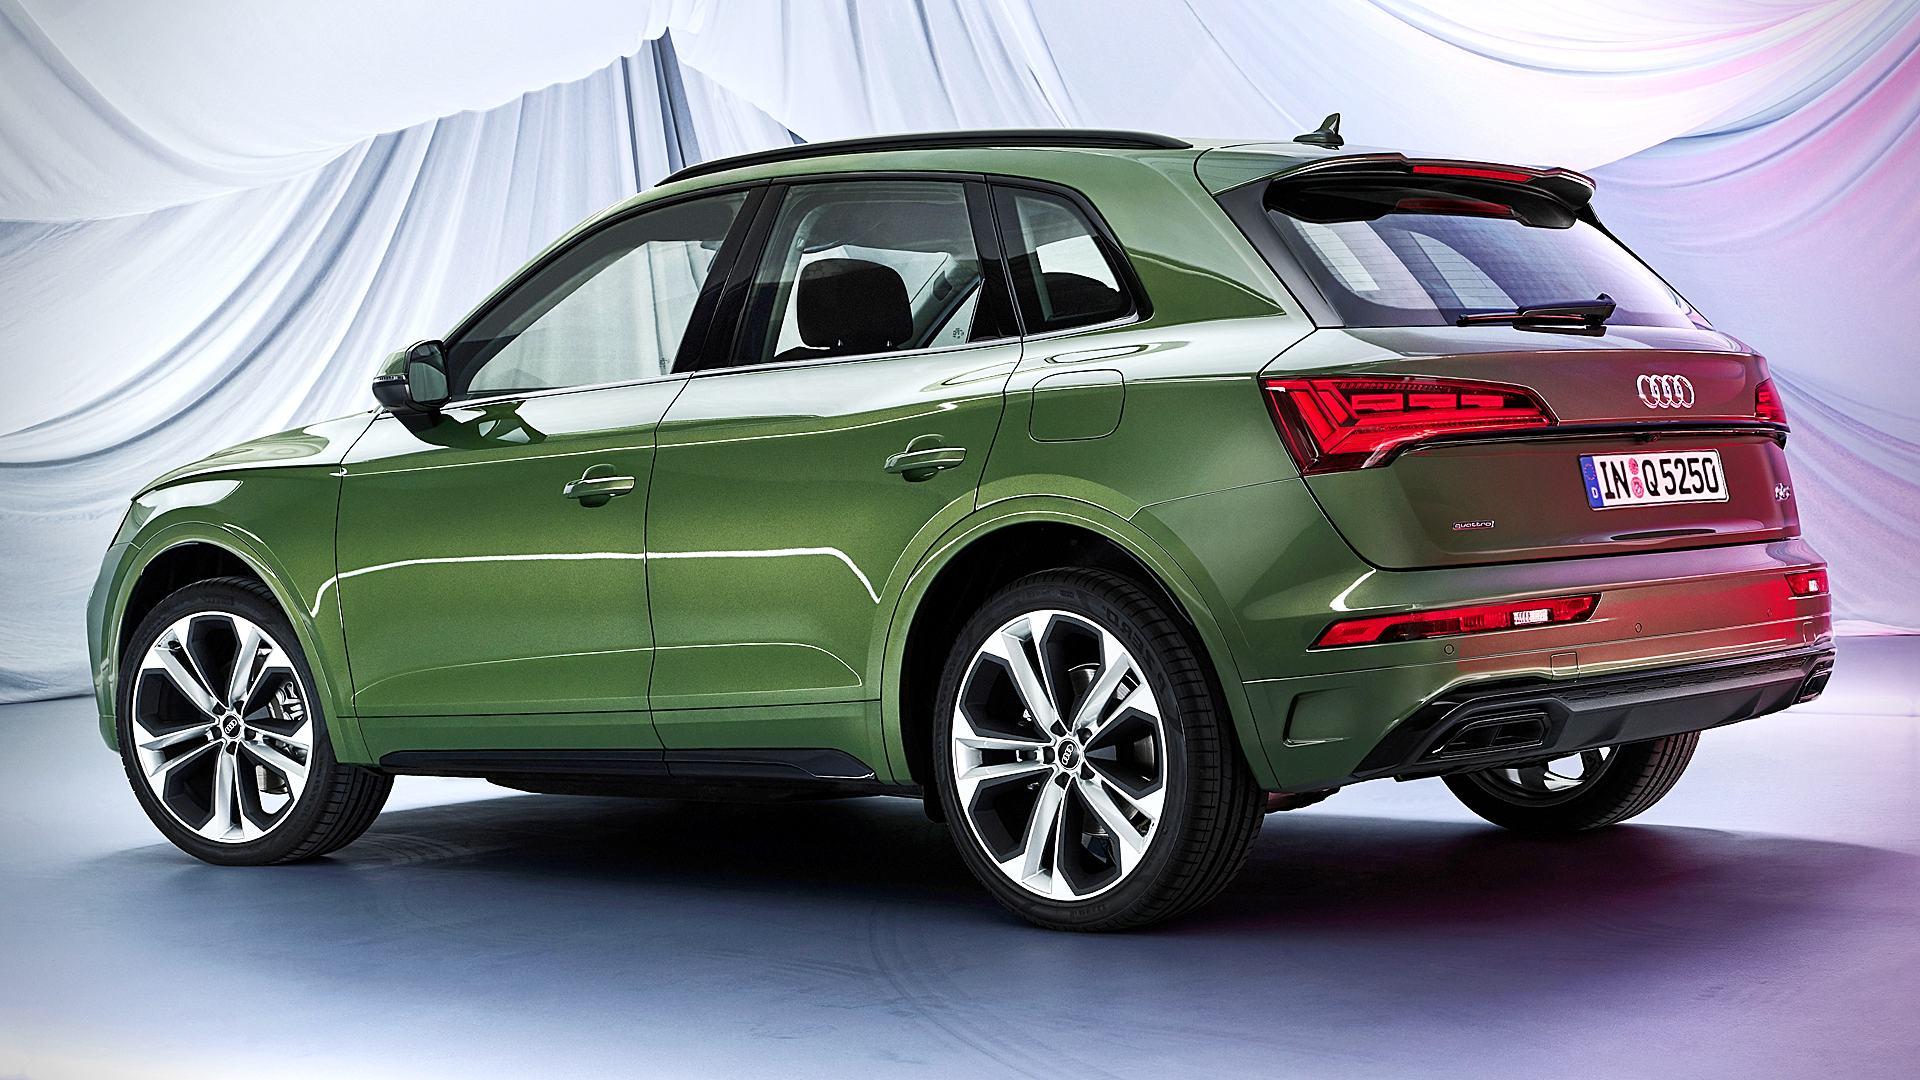 2021 Audi Q5 Colors